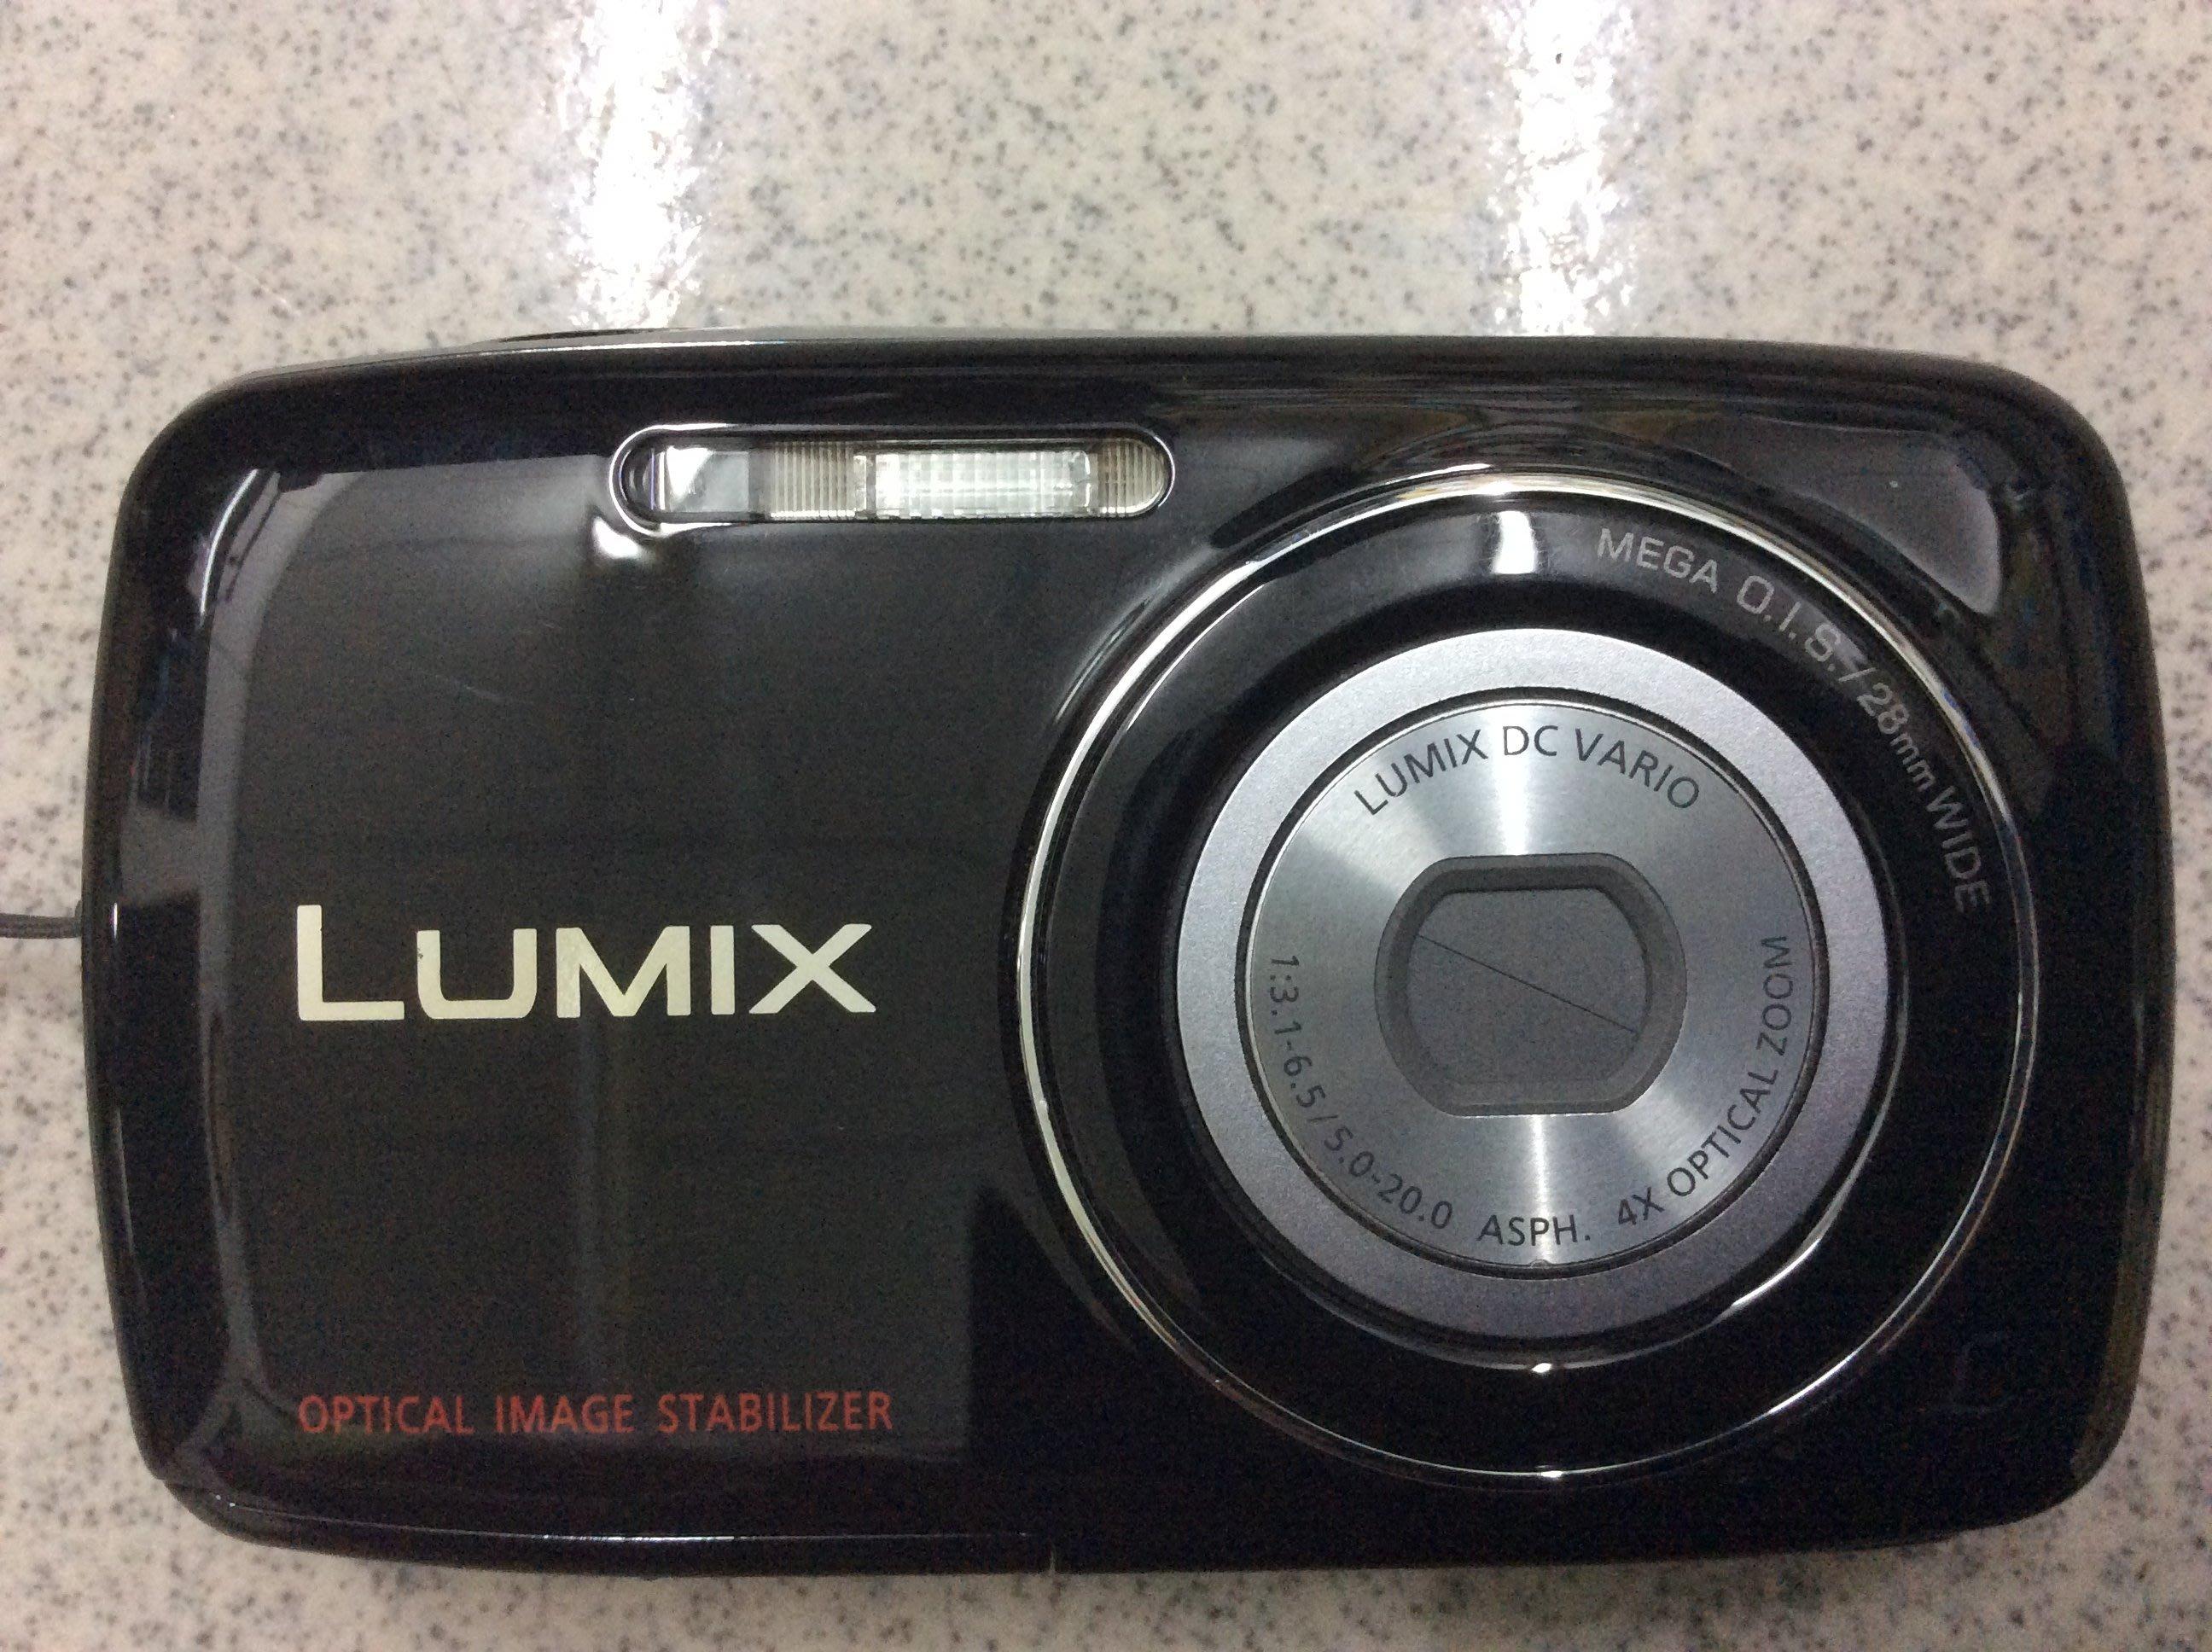 [保固一年] [高雄明豐] 國際牌 Panasonic Lumix 數位相機 黑色 DMC-S1GT 便宜賣